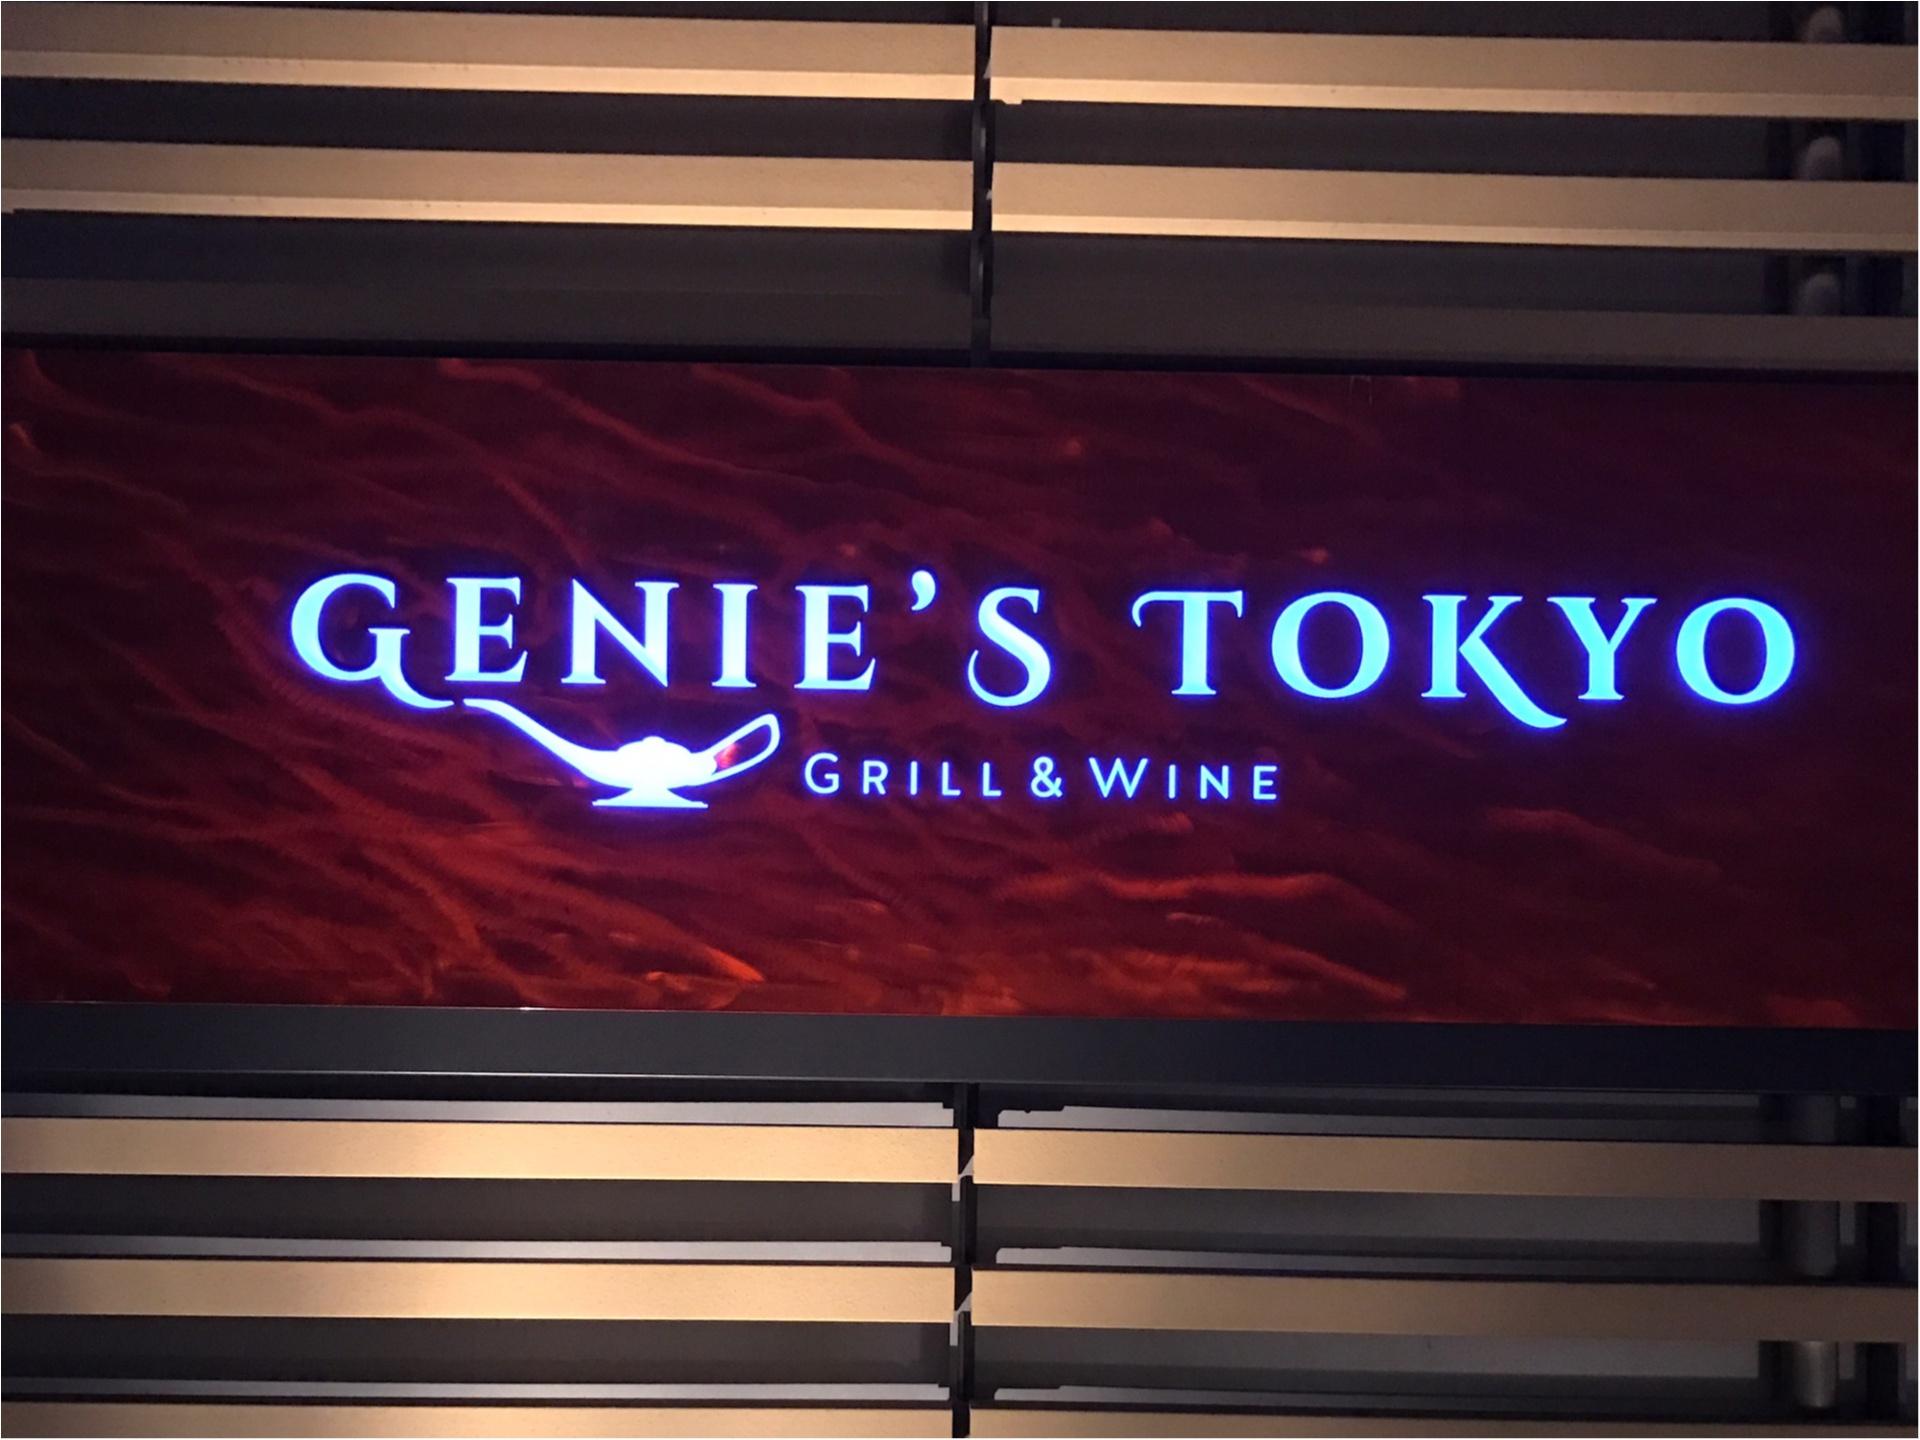 ★キラッキラの街、六本木。東京NIGHTは『GENIE'S TOKYO』で楽しんで★_2